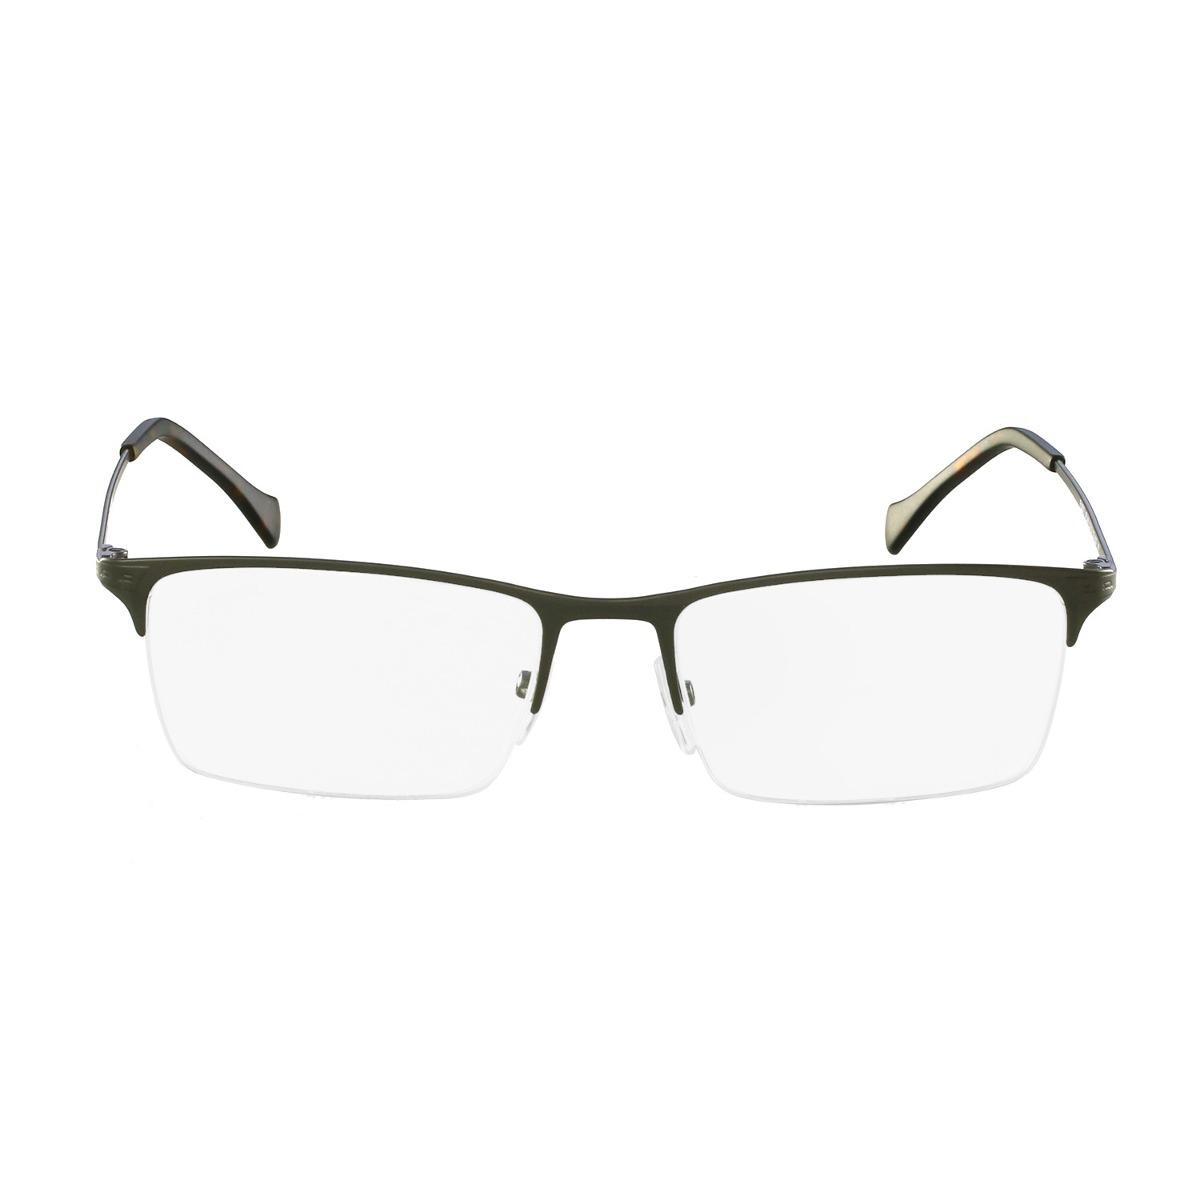 f63bac34e3868 Óculos De Grau Police Clássico Cinza - R  616,00 em Mercado Livre